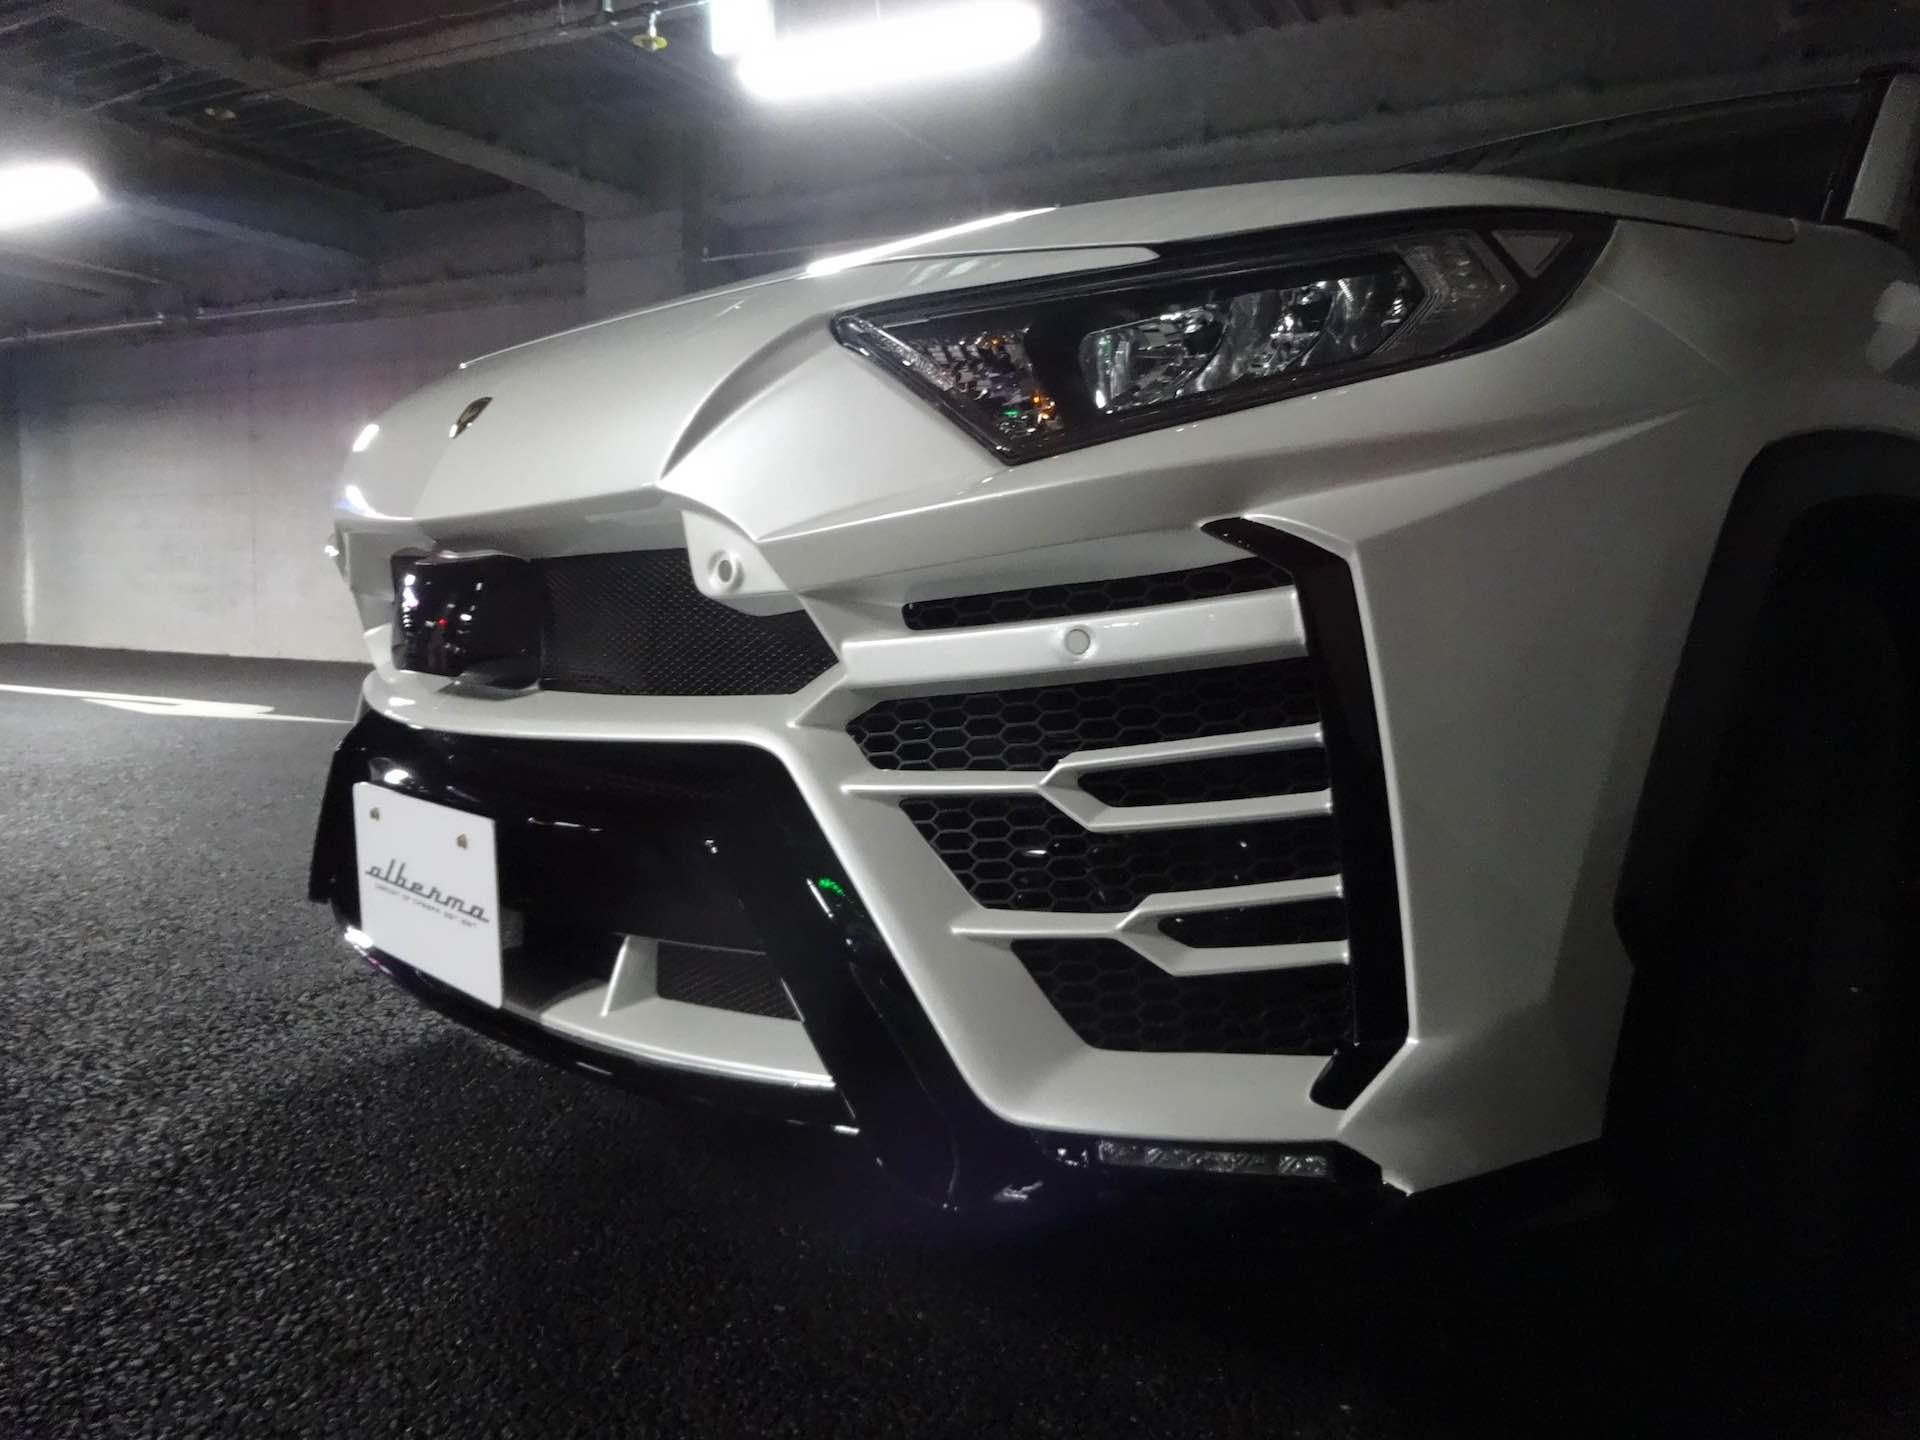 Albermo XR51, Toyota RAV4, Lamborghini Urus